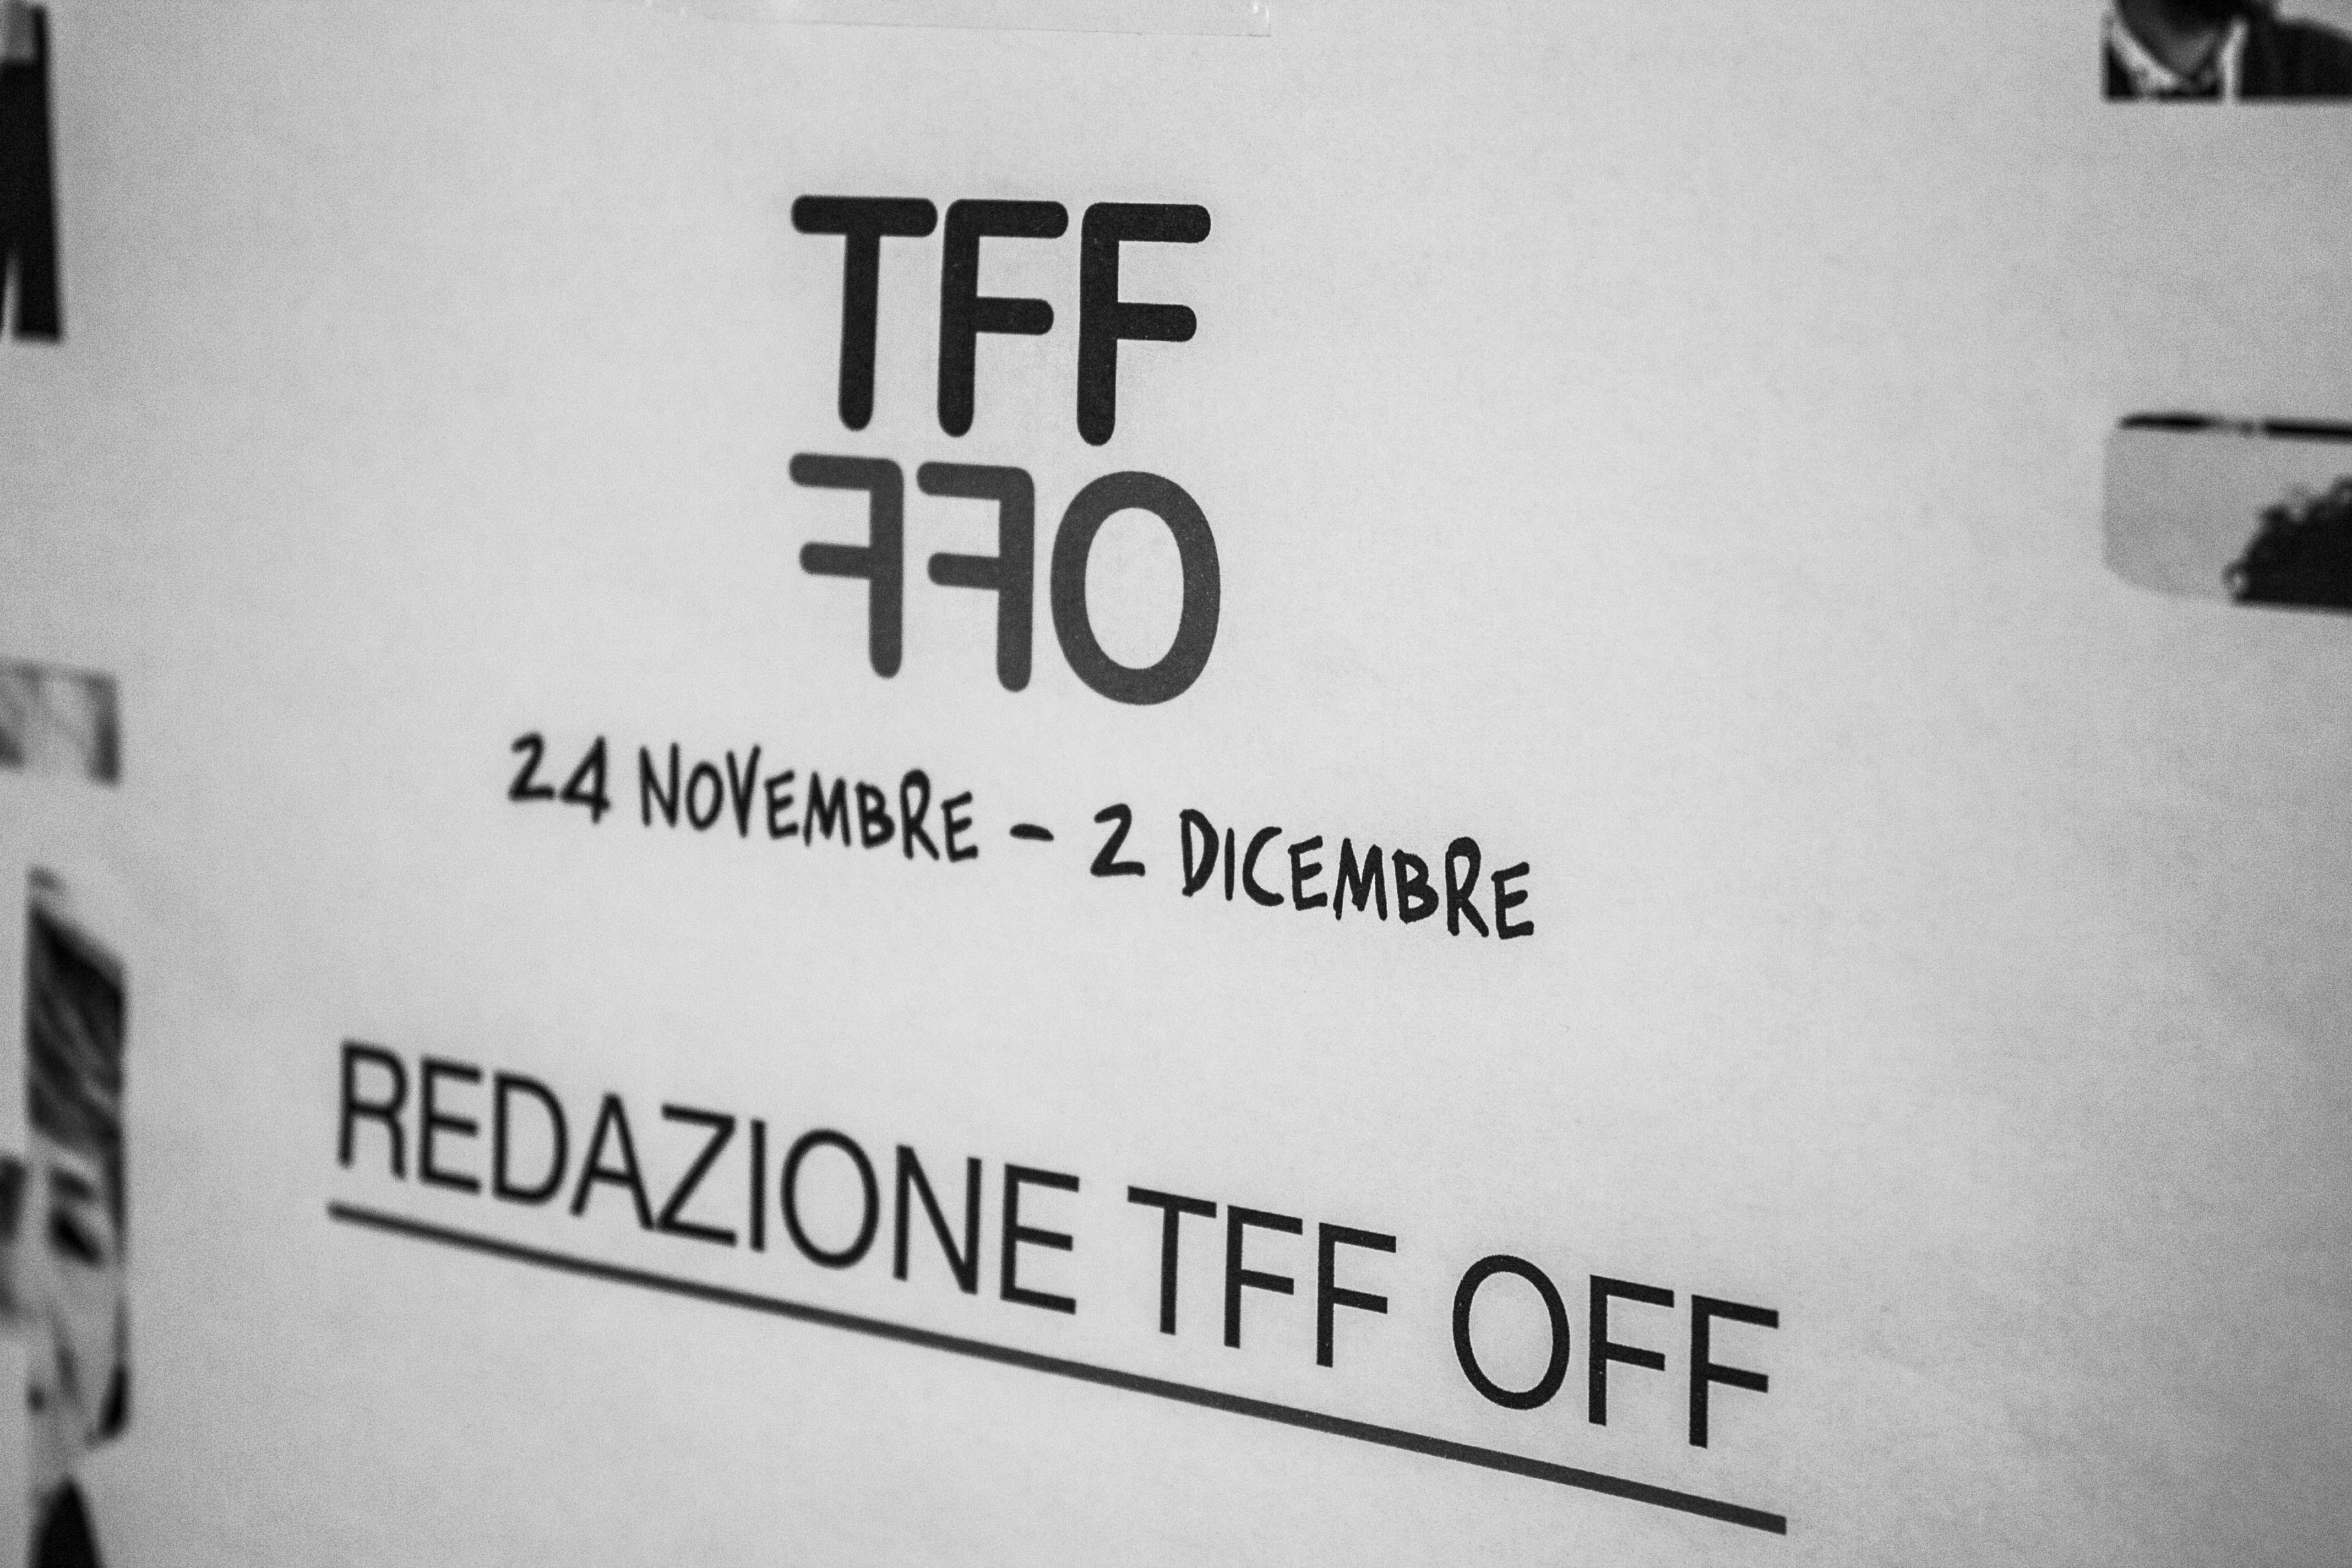 TFFOFF_1